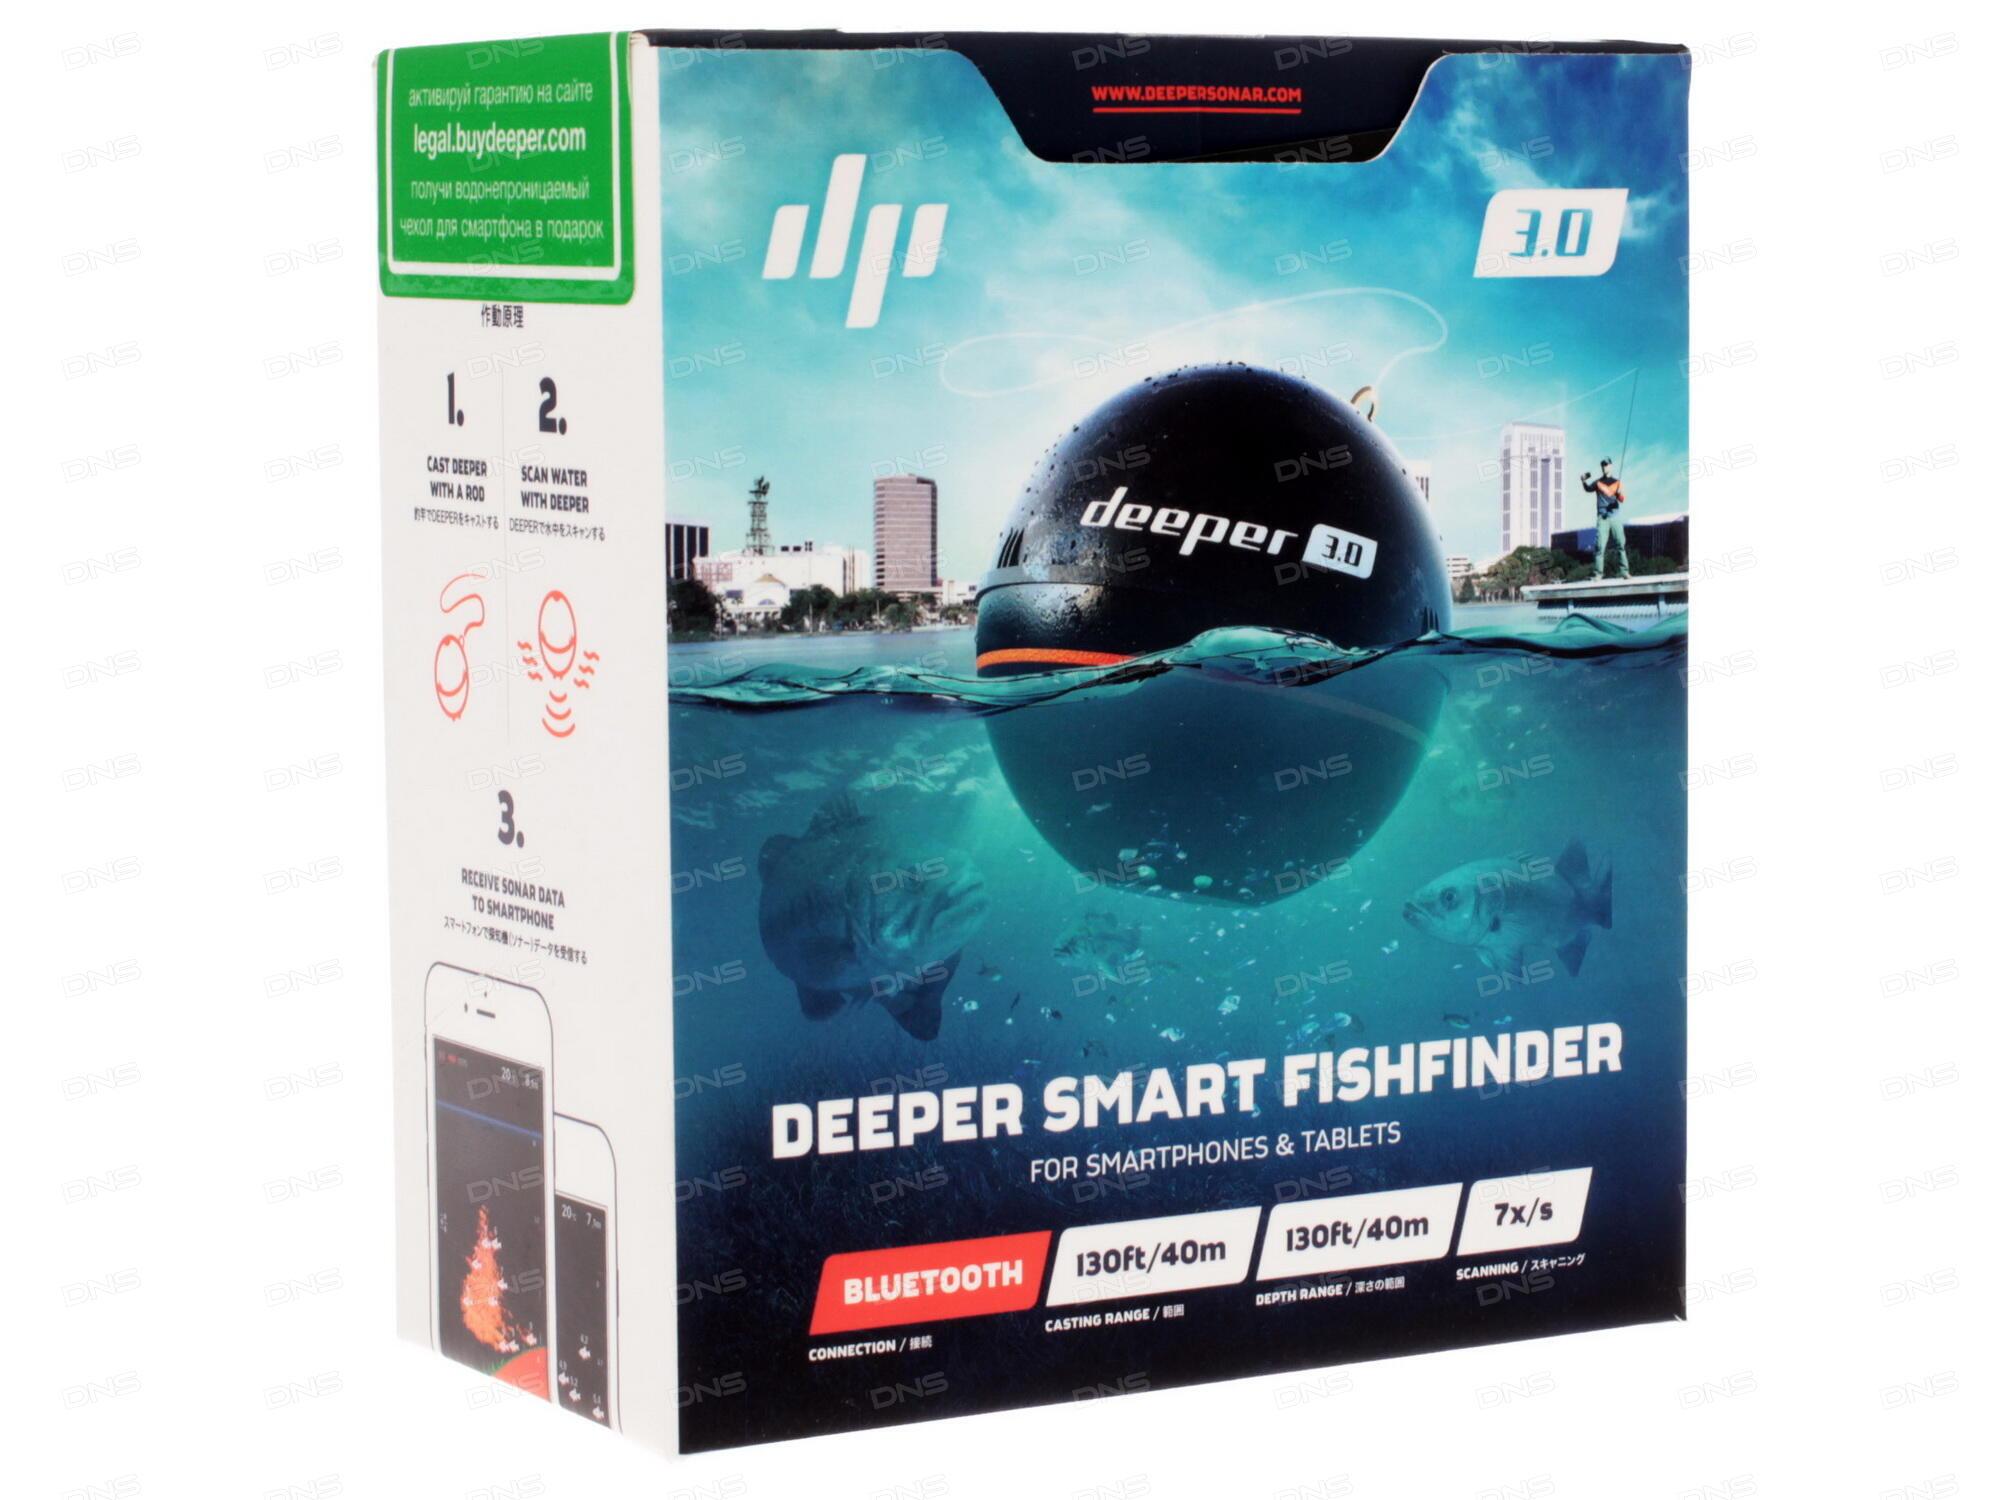 эхолот беспроводной deeper smart fishfinder кто производитель